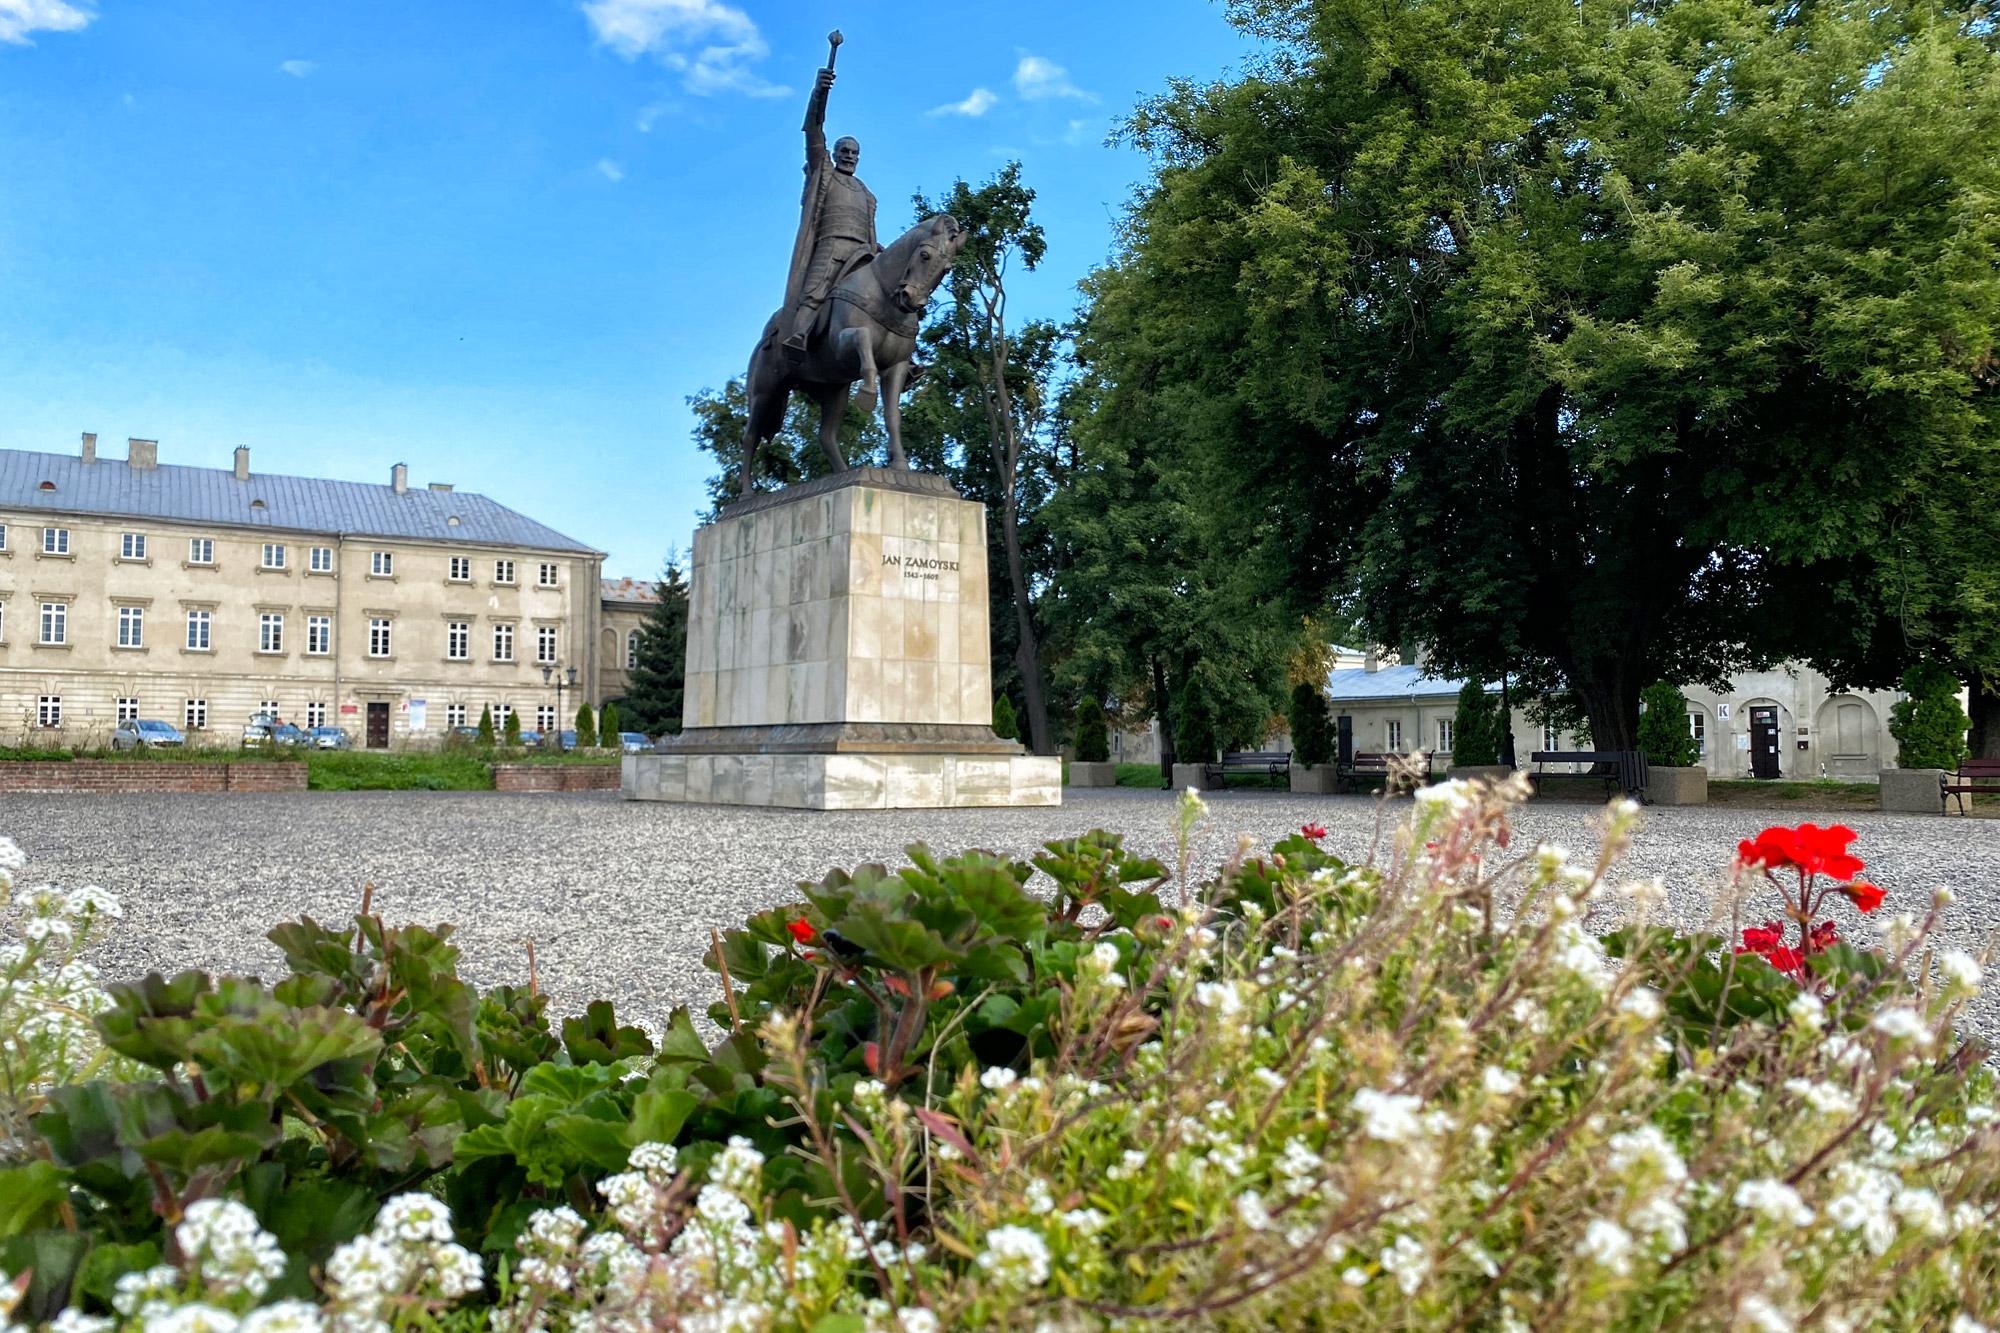 Lubelskie regio - Zamosc